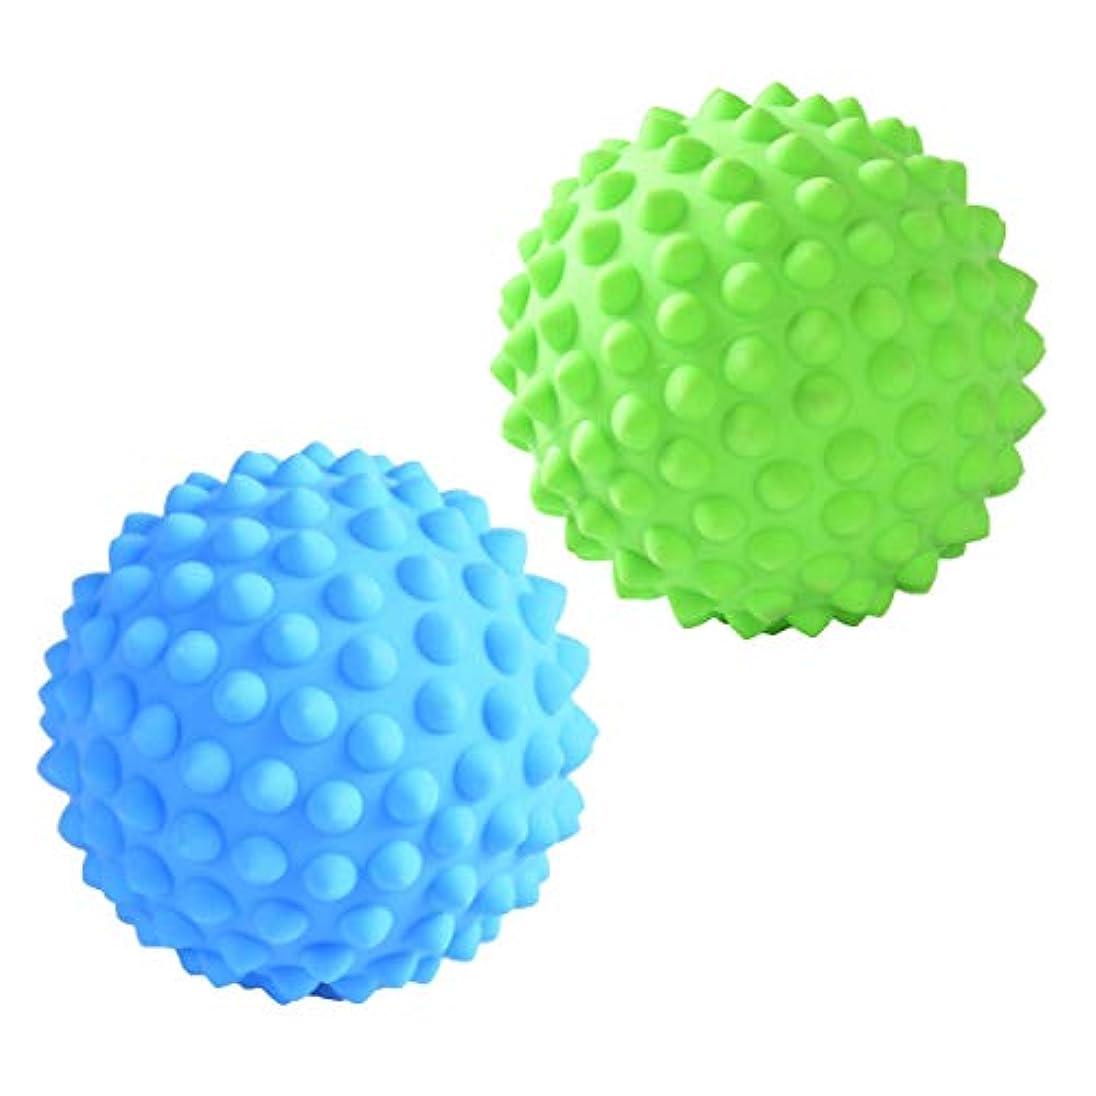 ごちそう嵐の人形マッサージローラーボール マッサージローラー 指圧ボール トリガーポイント ツボ押しグッズ 2個入